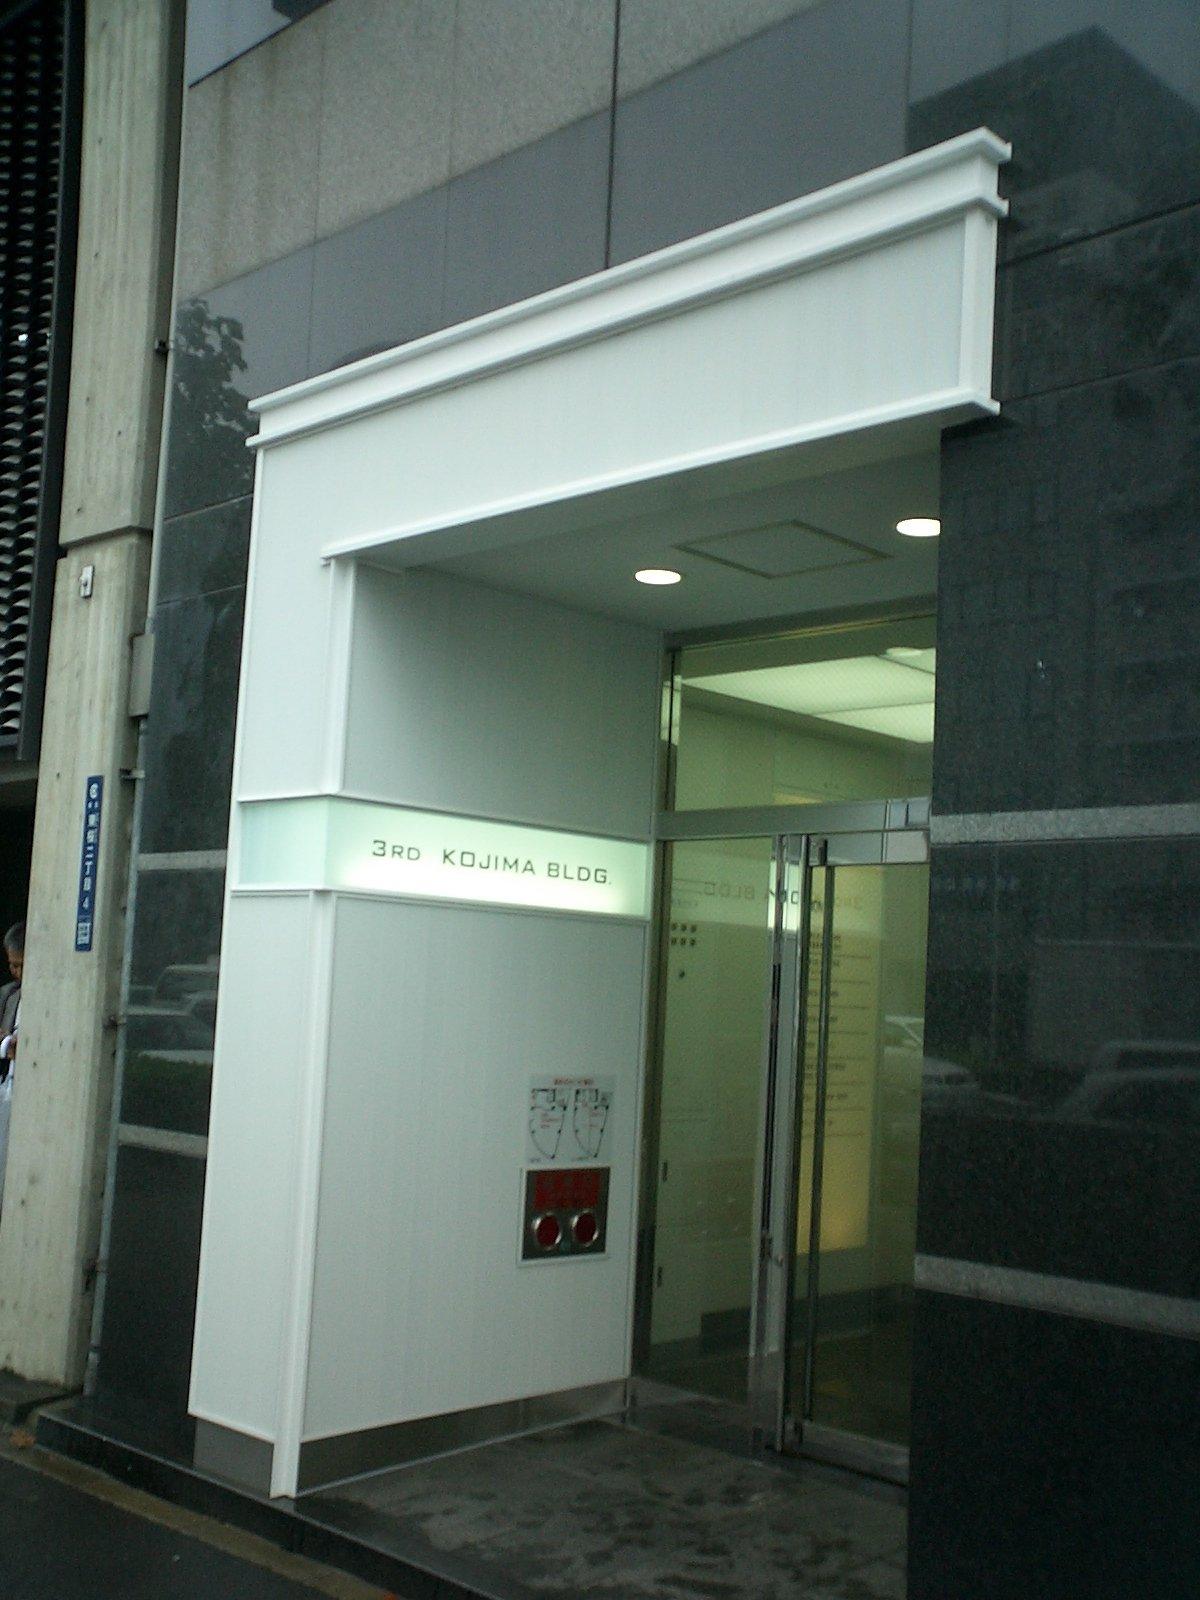 名古屋市 3rd KOJIMAビル リニューアル工事のアイキャッチ画像